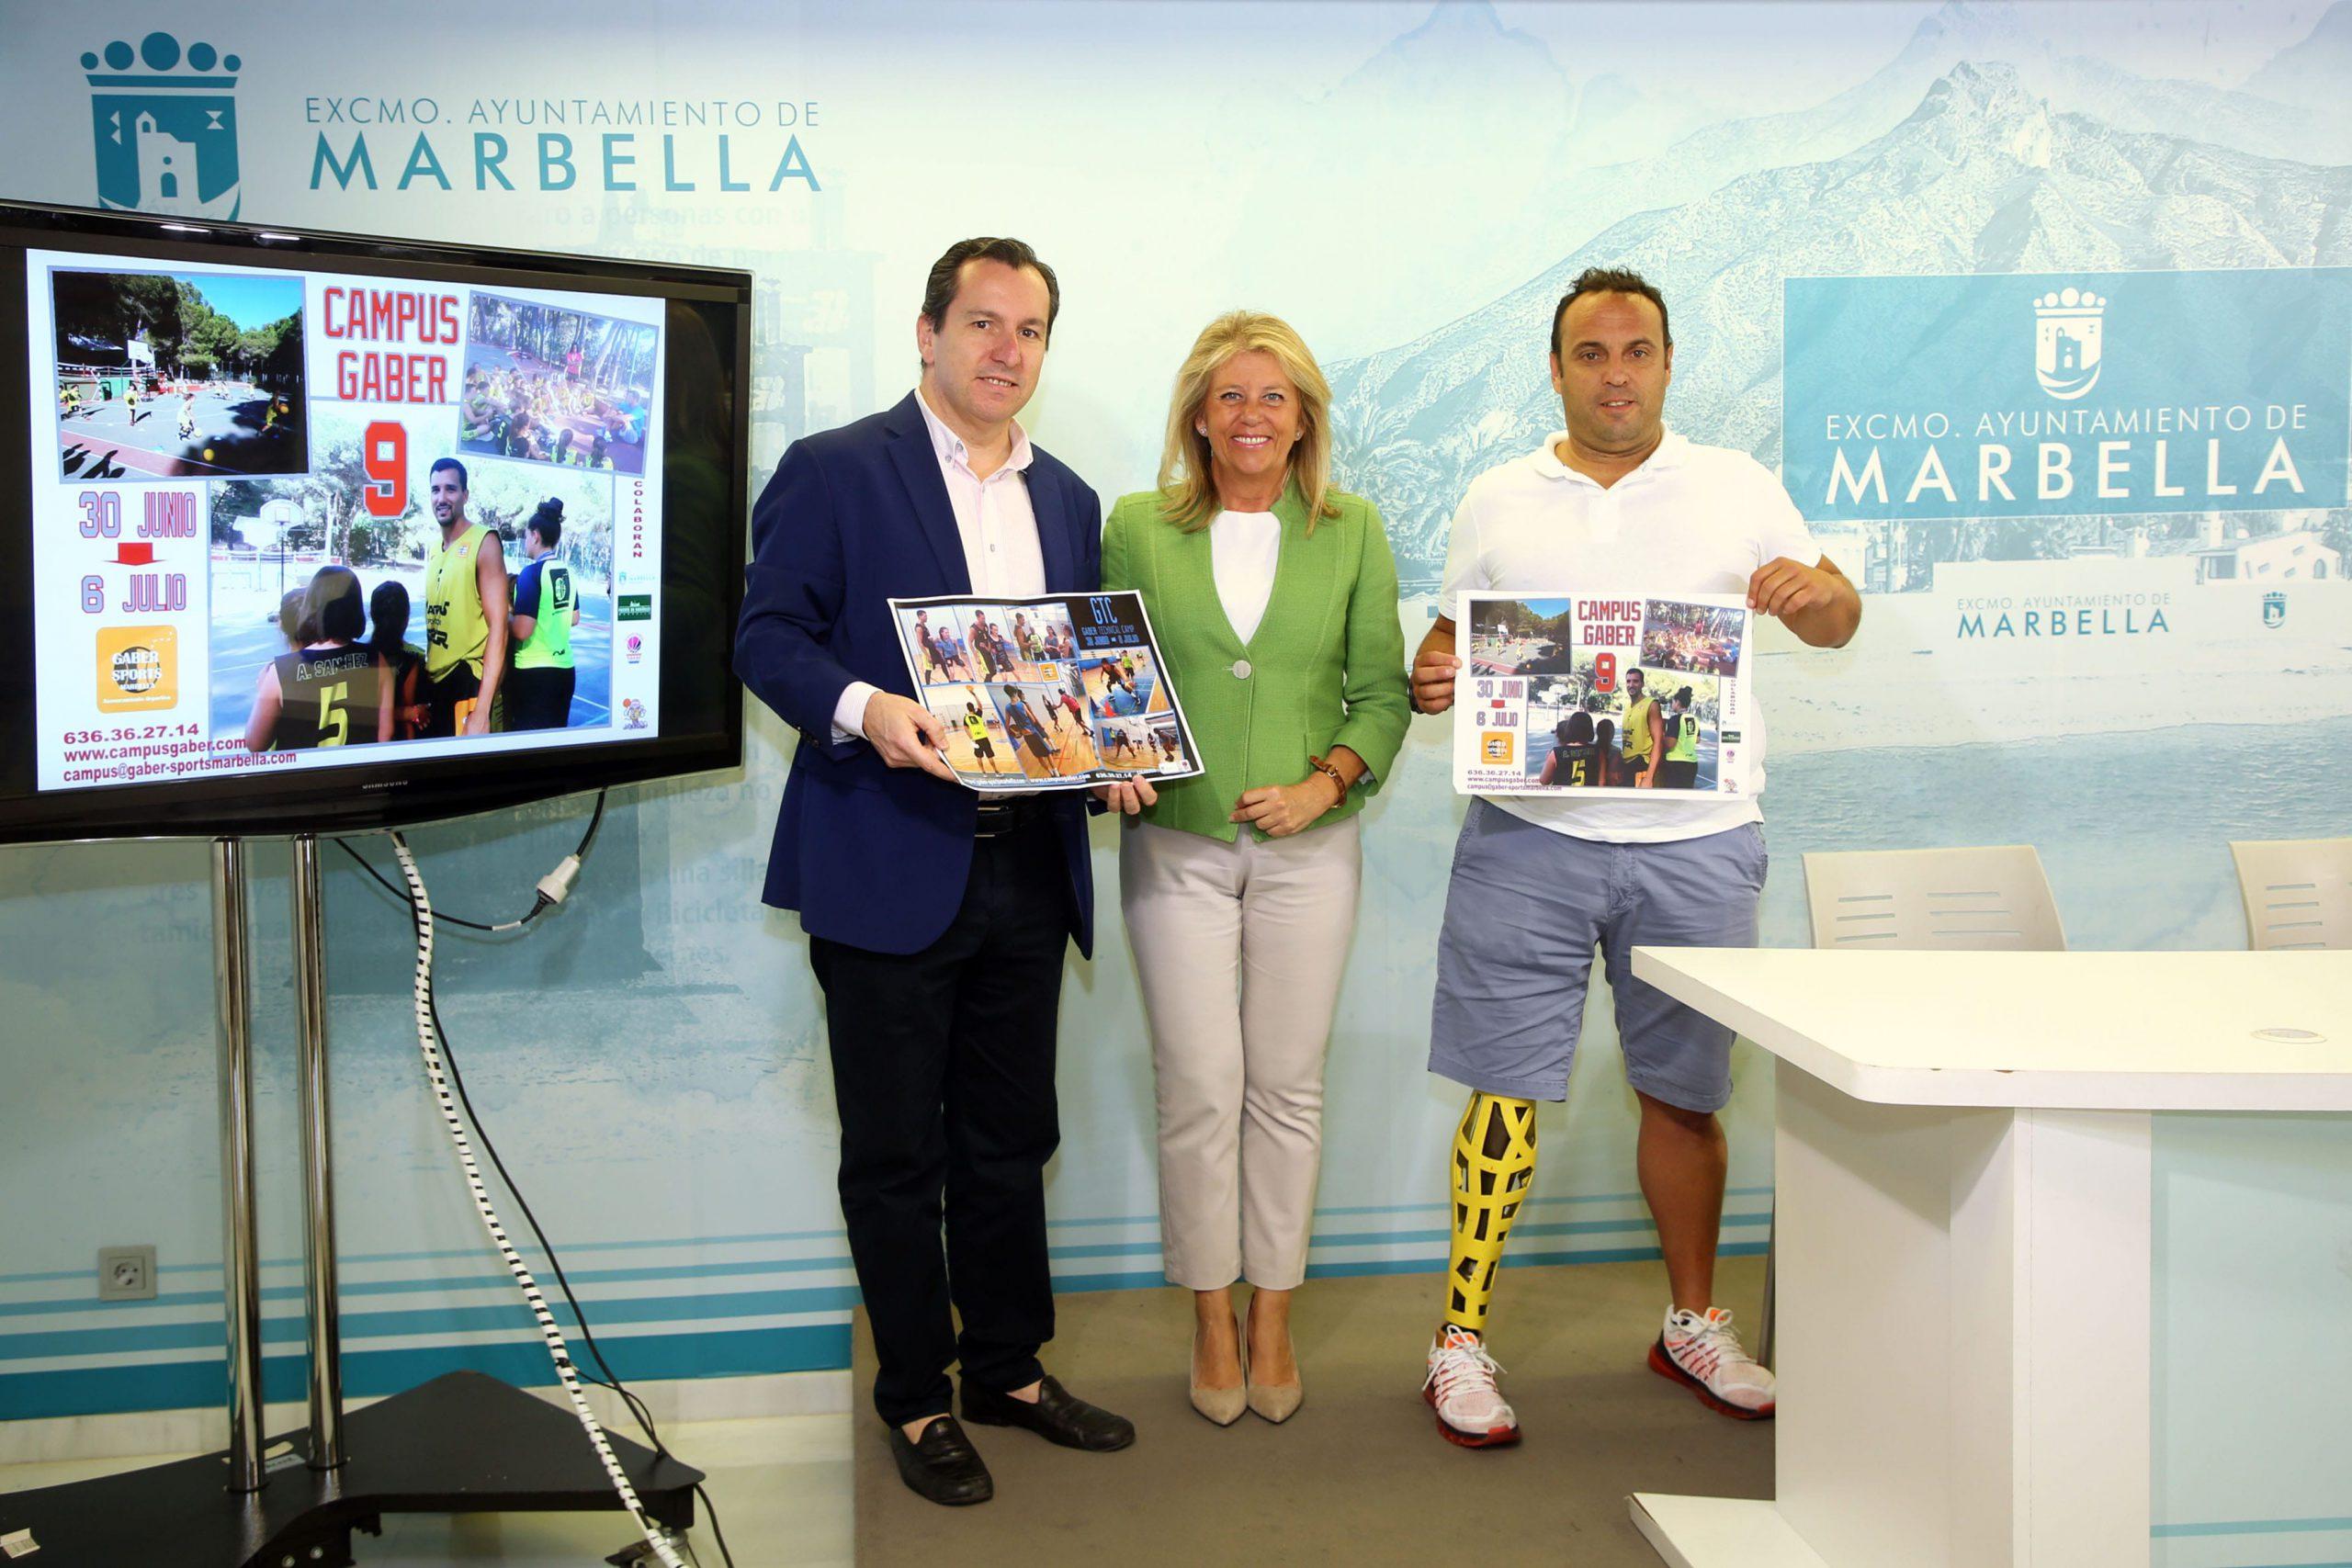 Marbella albergará la novena edición del Campus Gaber de baloncesto del 30 de junio al 6 de julio